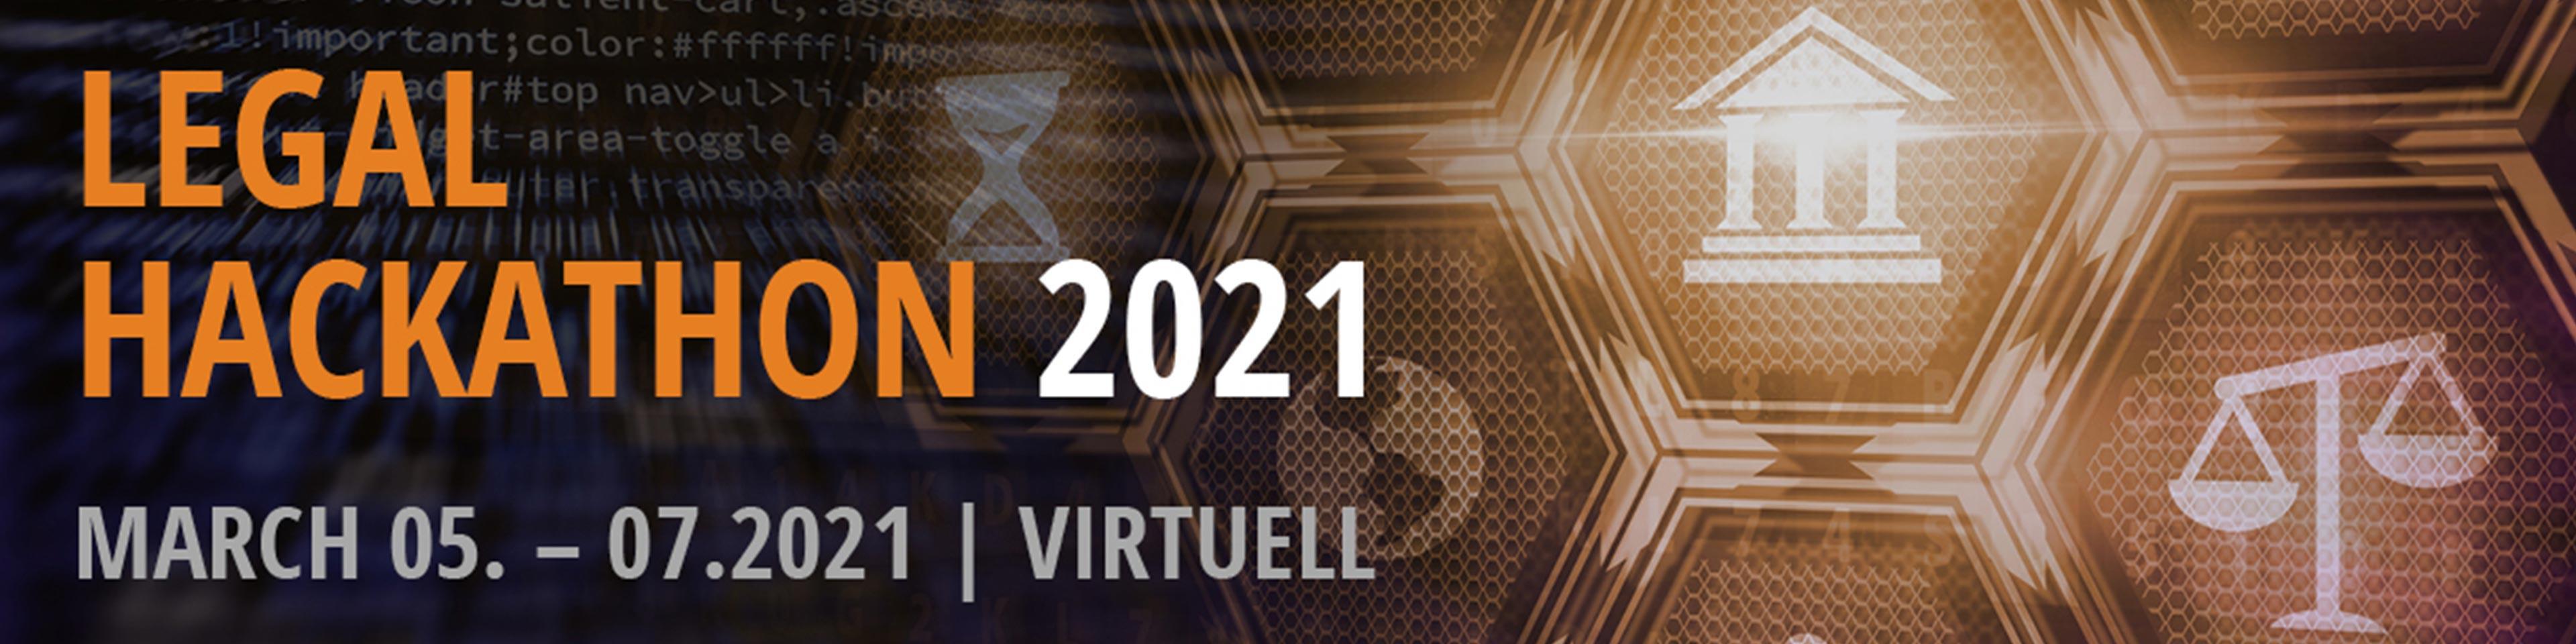 PM Hackathon 2021